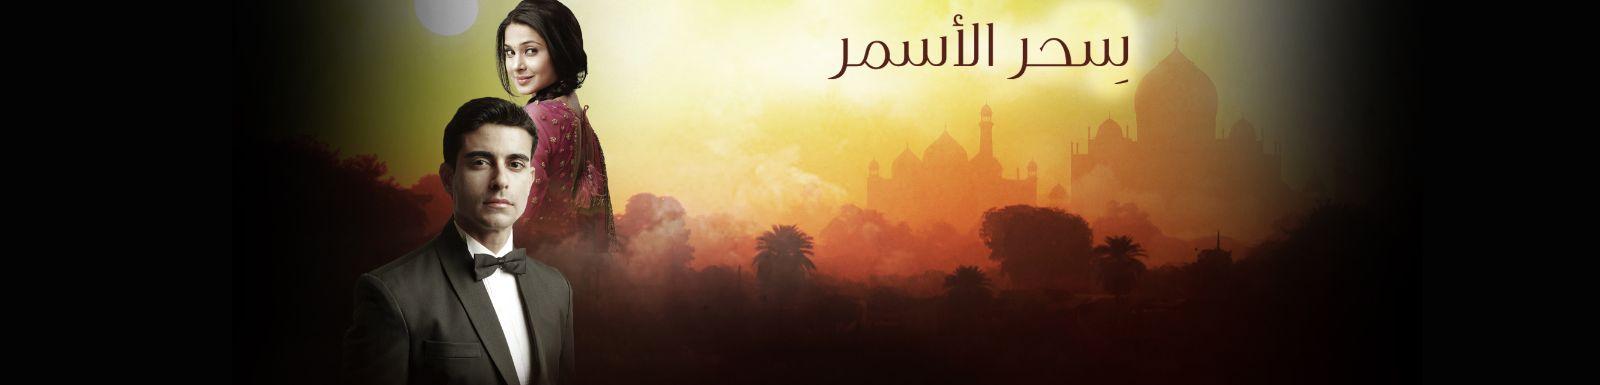 مشاهدة وتحميل مسلسل سحر الأسمر ج2 الحلقة 26 السادسة والعشرون كاملة 2014